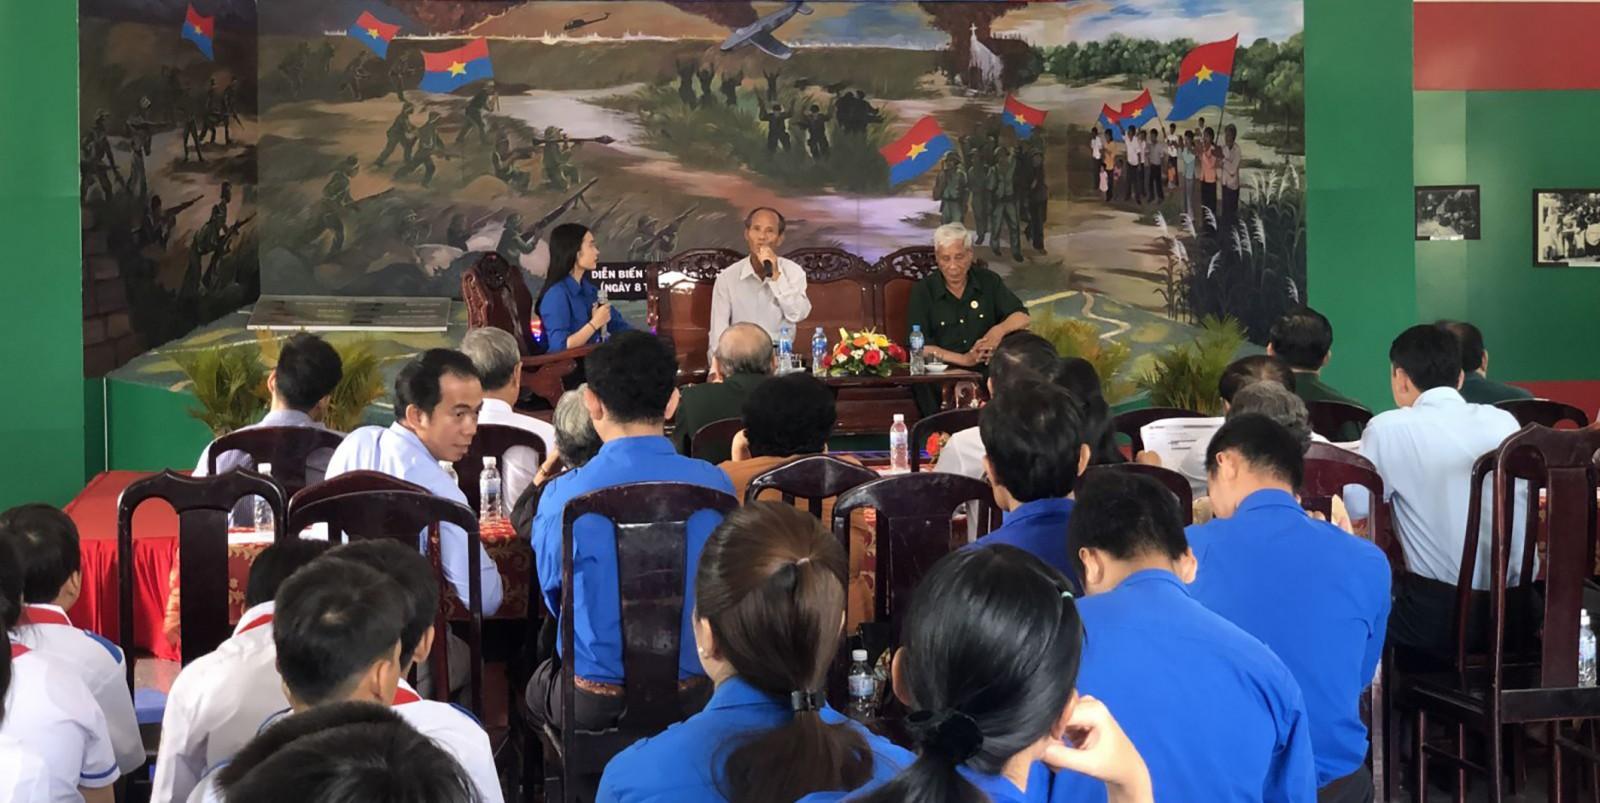 Tuổi trẻ TP Cần Thơ phối hợp tổ chức cho ĐVTN giao lưu với các nhân chứng lịch sử nhằm giáo dục truyền thống yêu nước, vun đắp lý tưởng sống cho thế hệ trẻ. Ảnh: QUỐC THÁI